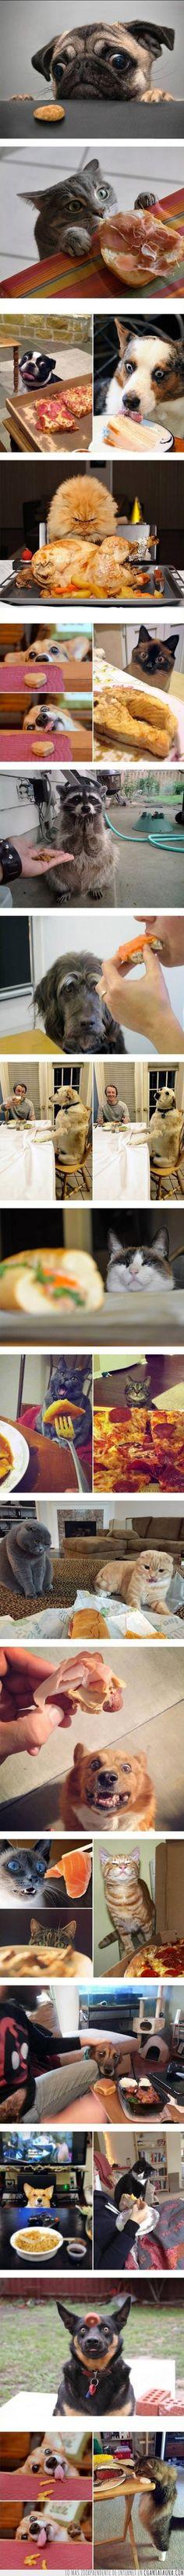 Nada despierta más las emociones de los animales que la comida